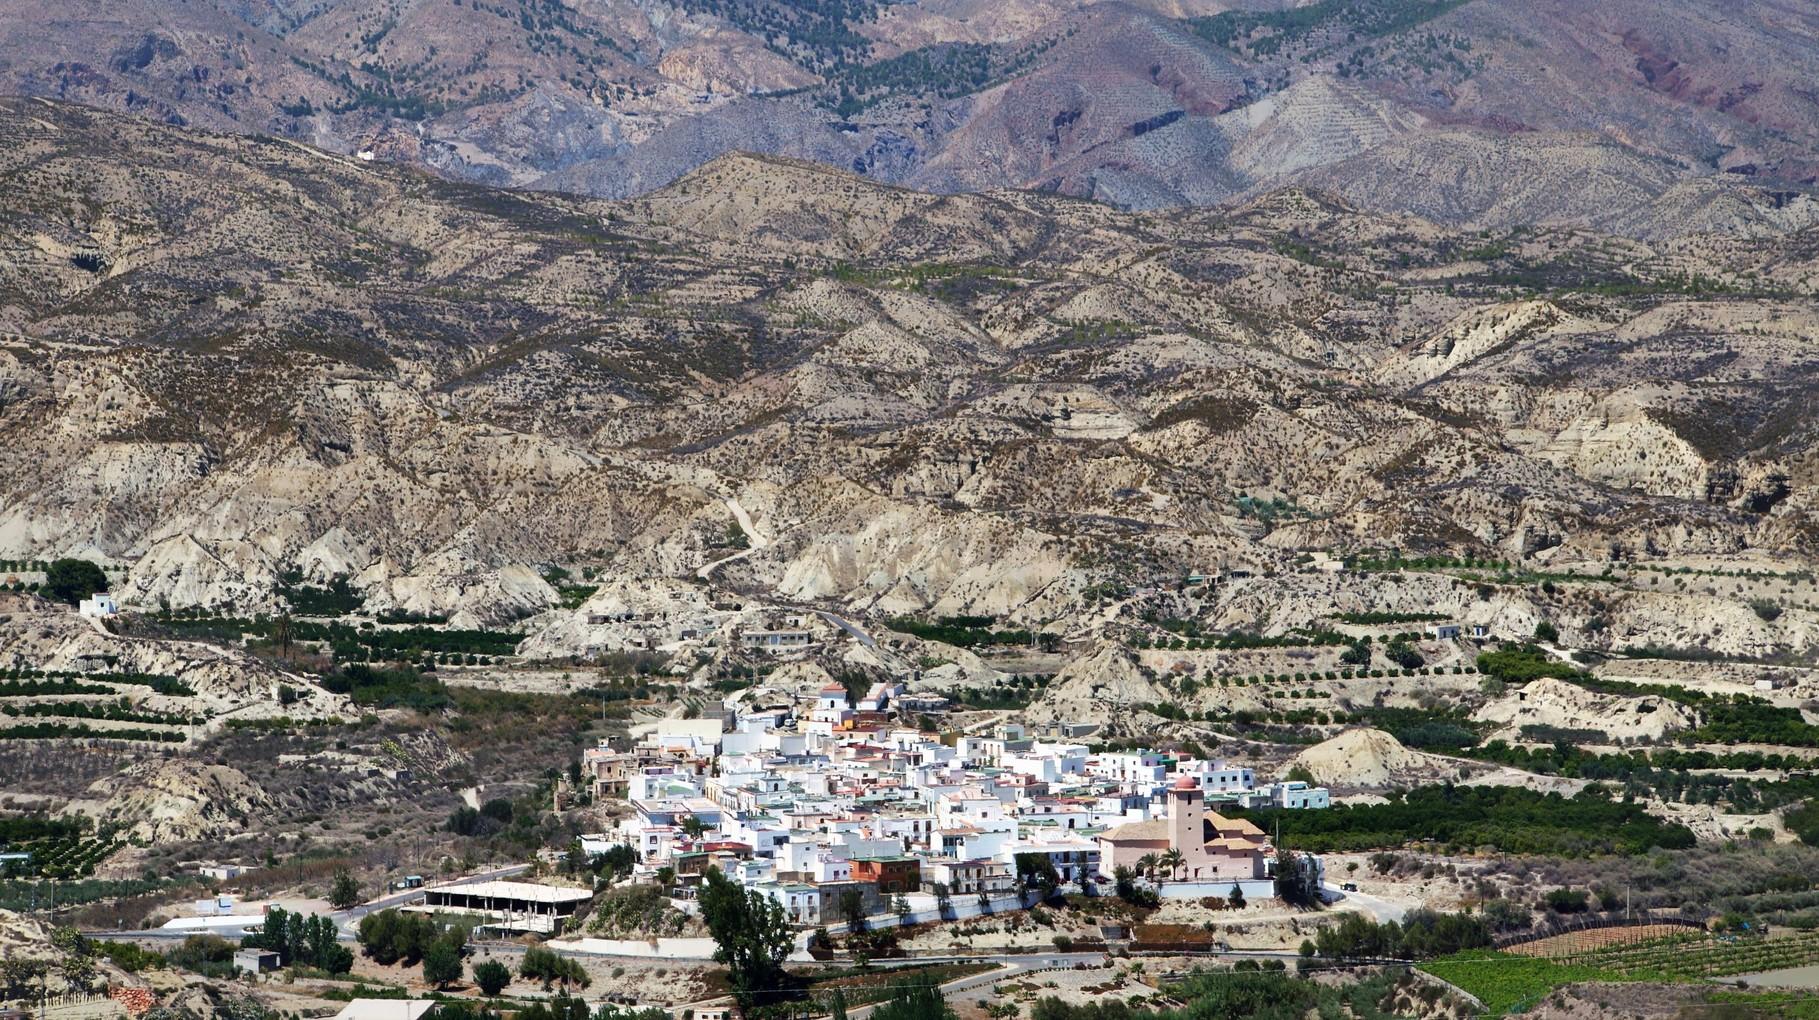 <B>Die Alpujarras am Rande der Sierra Nevada sind eine äußerst ländliche Gegend.</B>